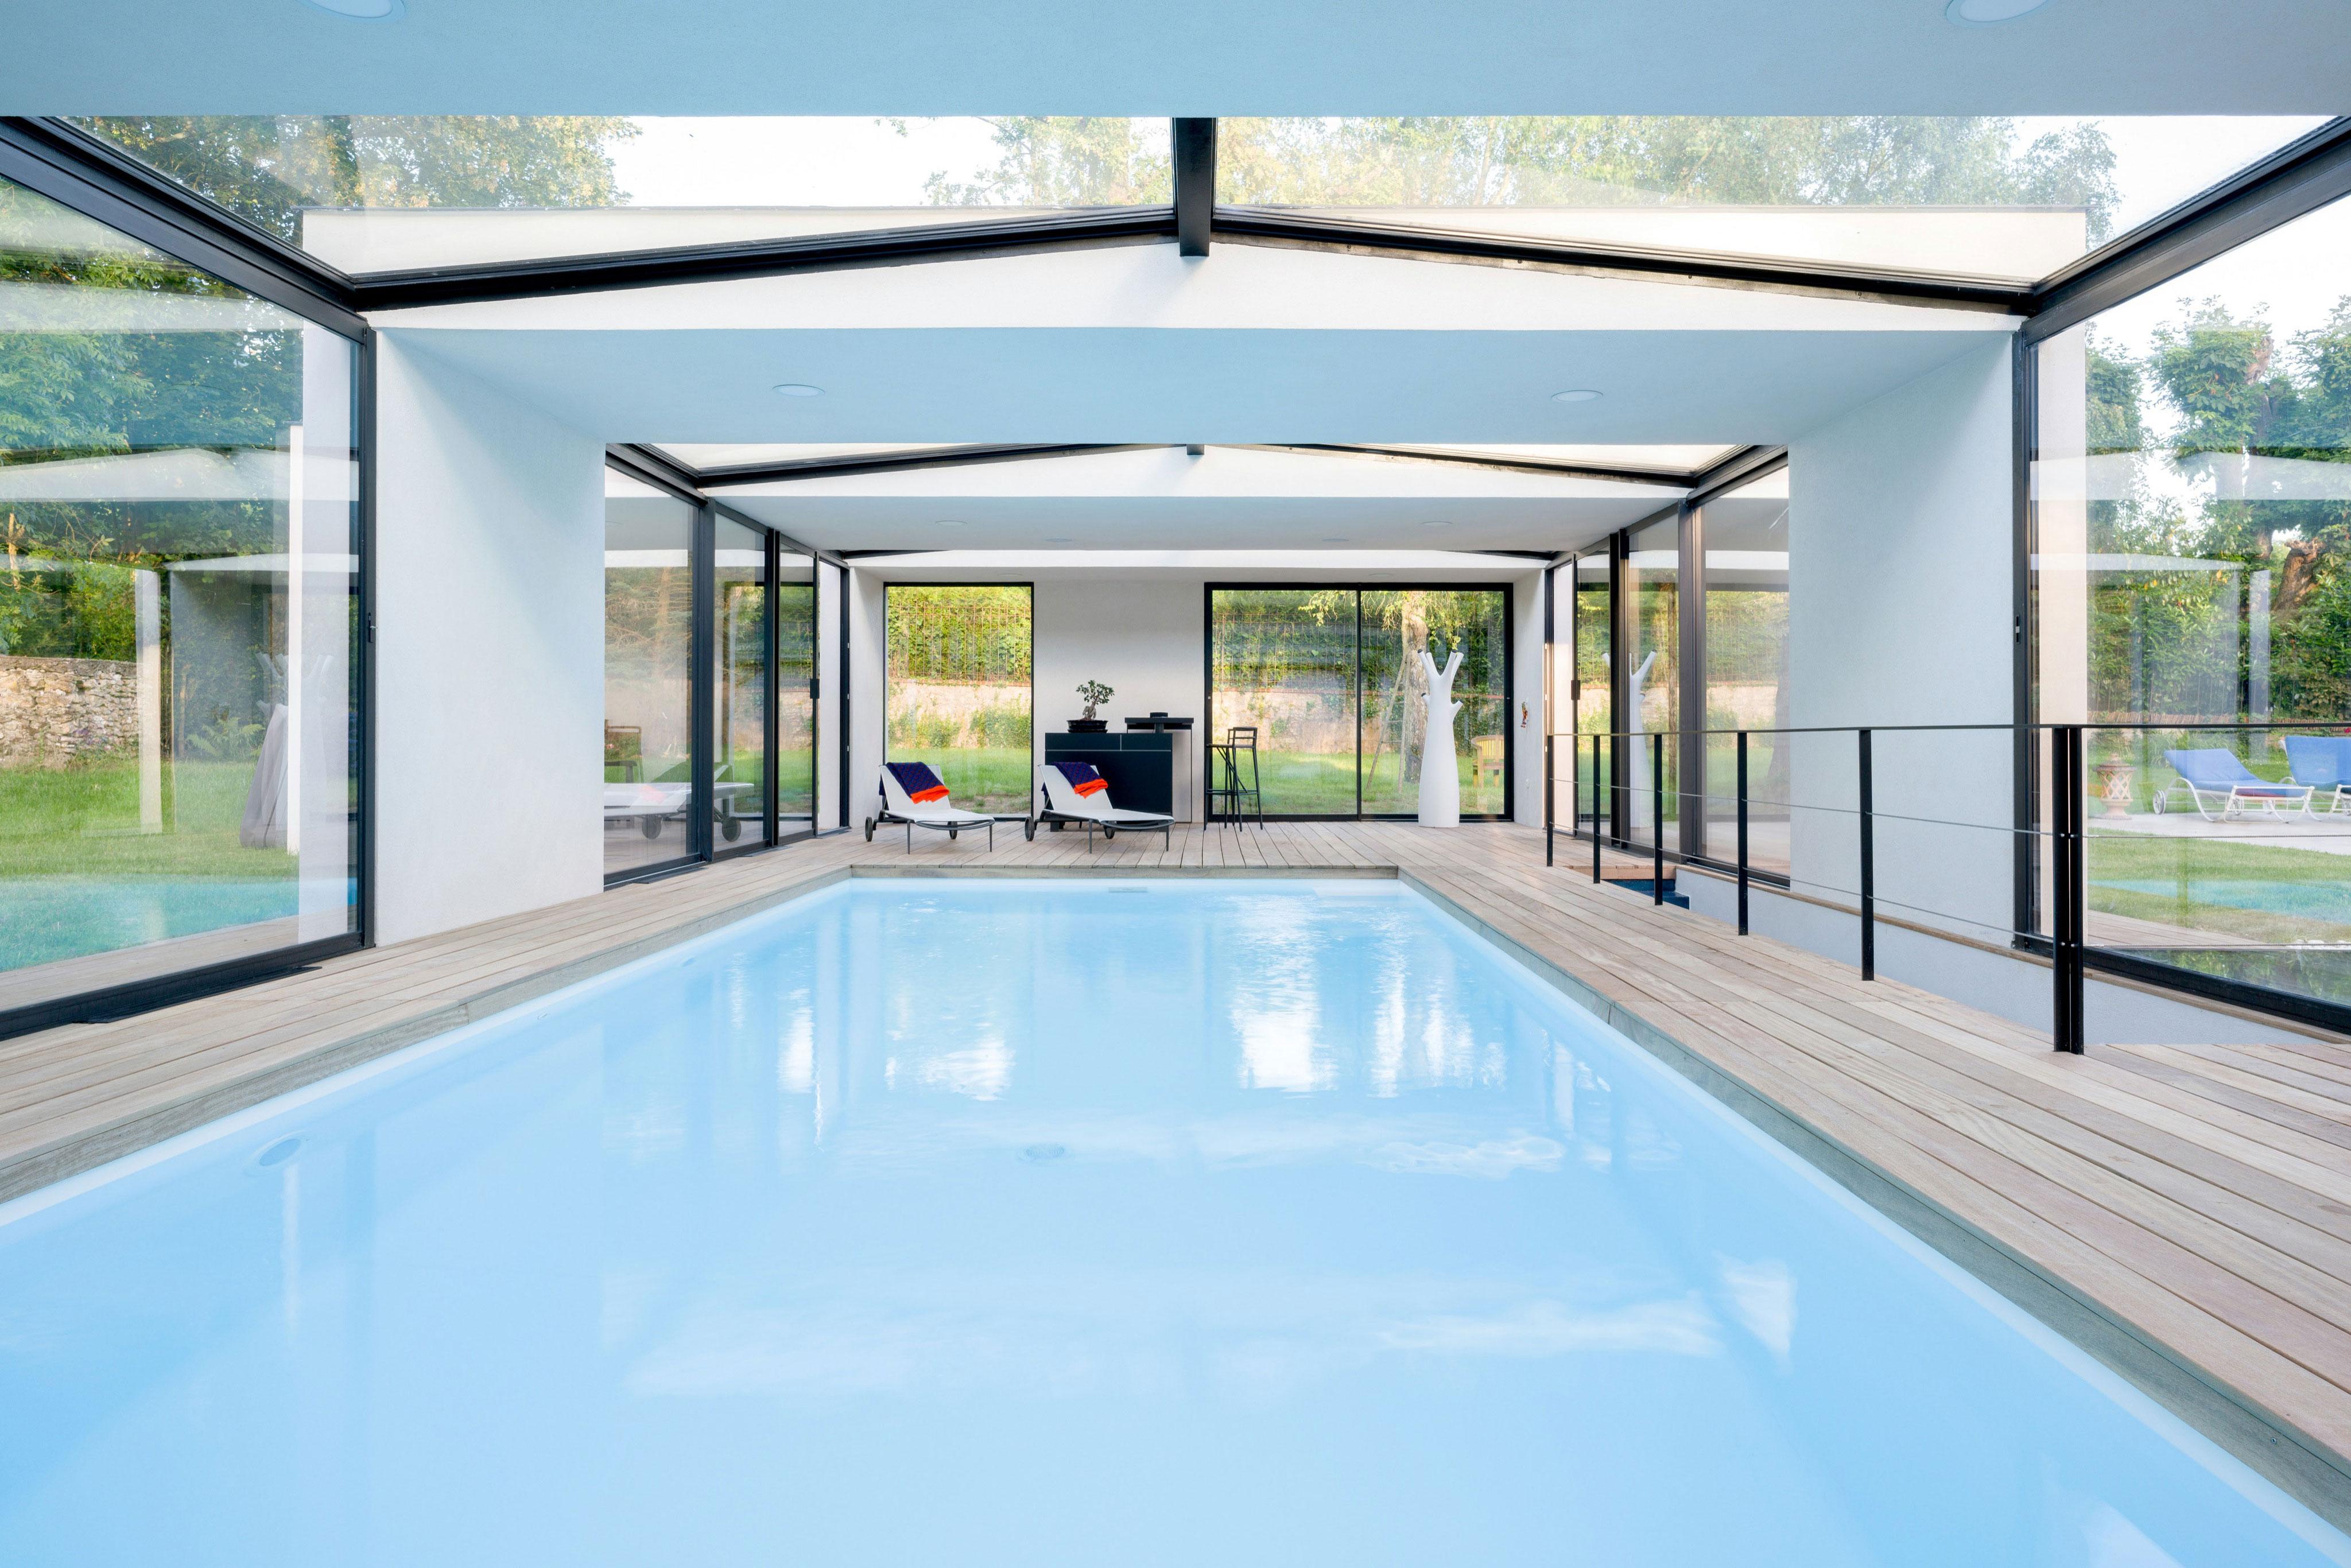 Extension Maison Piscine Couverte piscine couverte & spa à orgeval - skp architecture